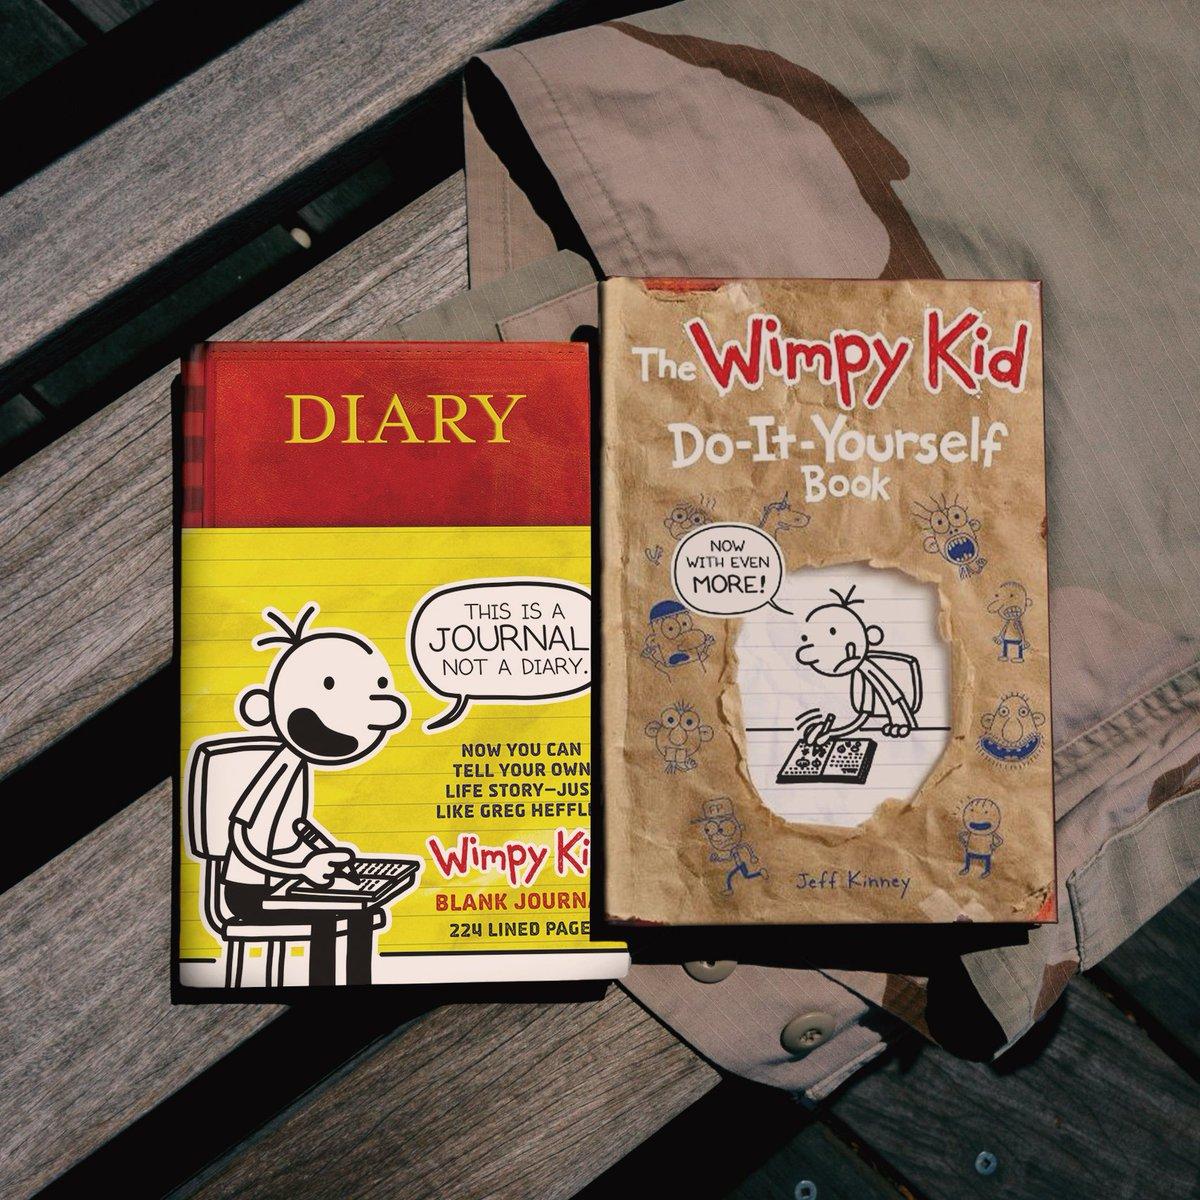 Jeff kinney on twitter for the storyteller inside everyone the jeff kinney on twitter for the storyteller inside everyone the wimpykid diy and blank journal bundle httpstrujxeqmrxn solutioingenieria Images